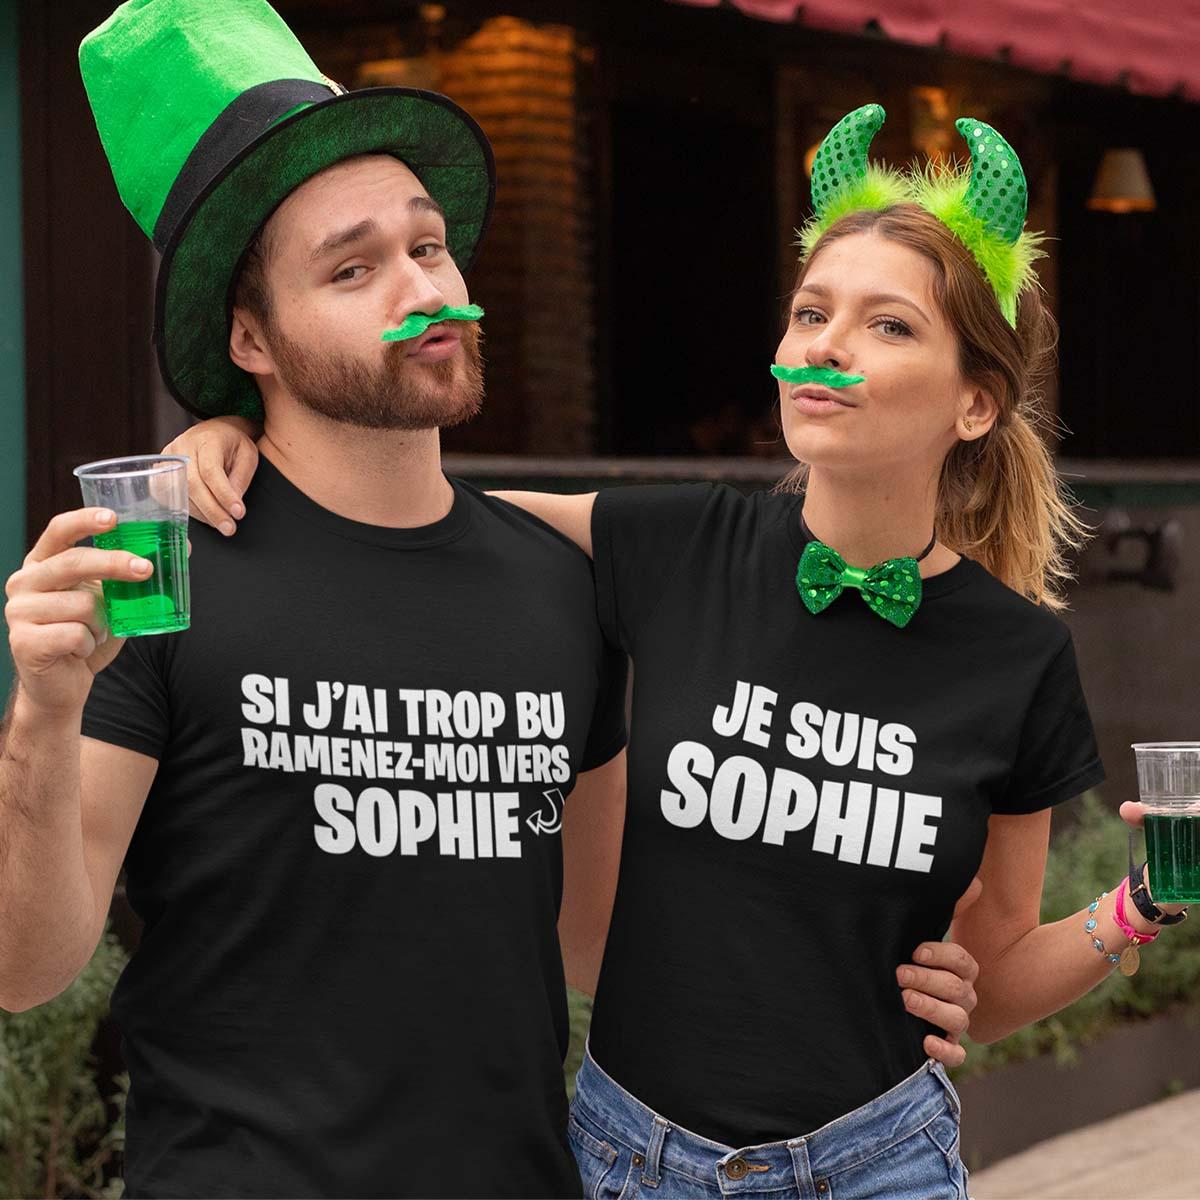 Tee-shirt personnalisé soirée ' Si j'ai trop bu ramenez-moi vers'